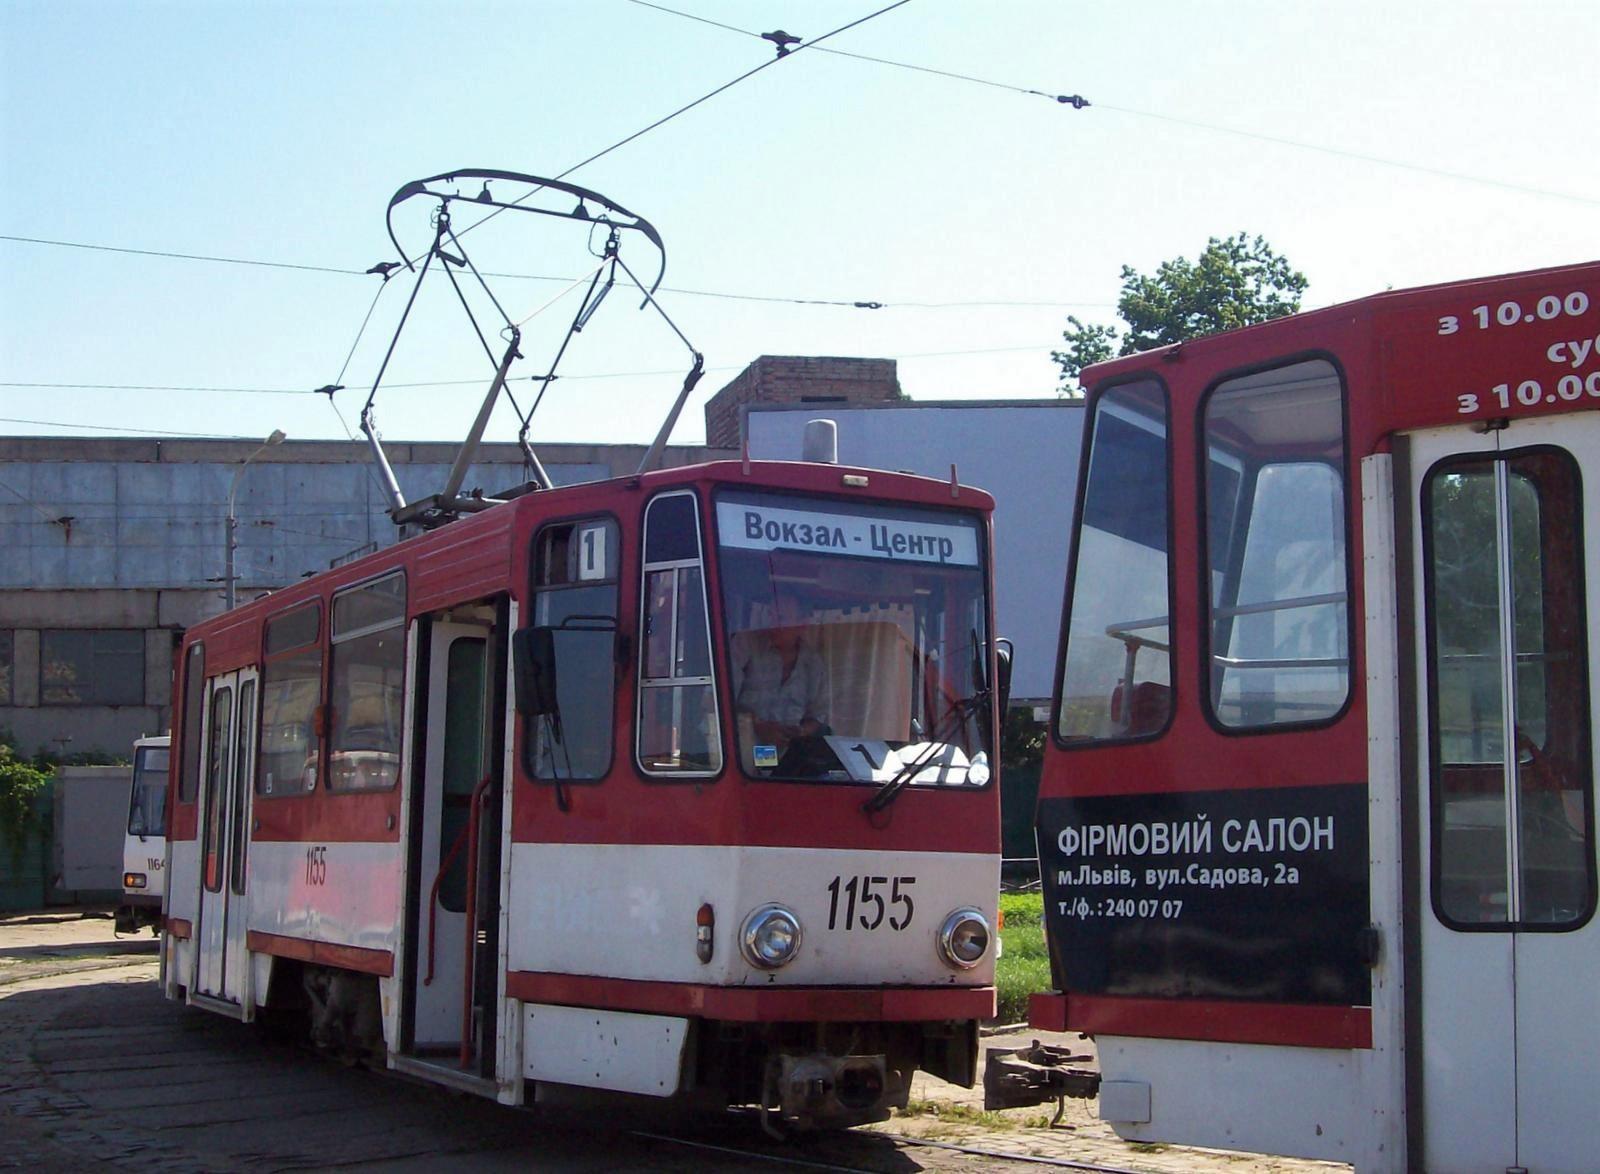 Tram am Bahnhof von Lemberg